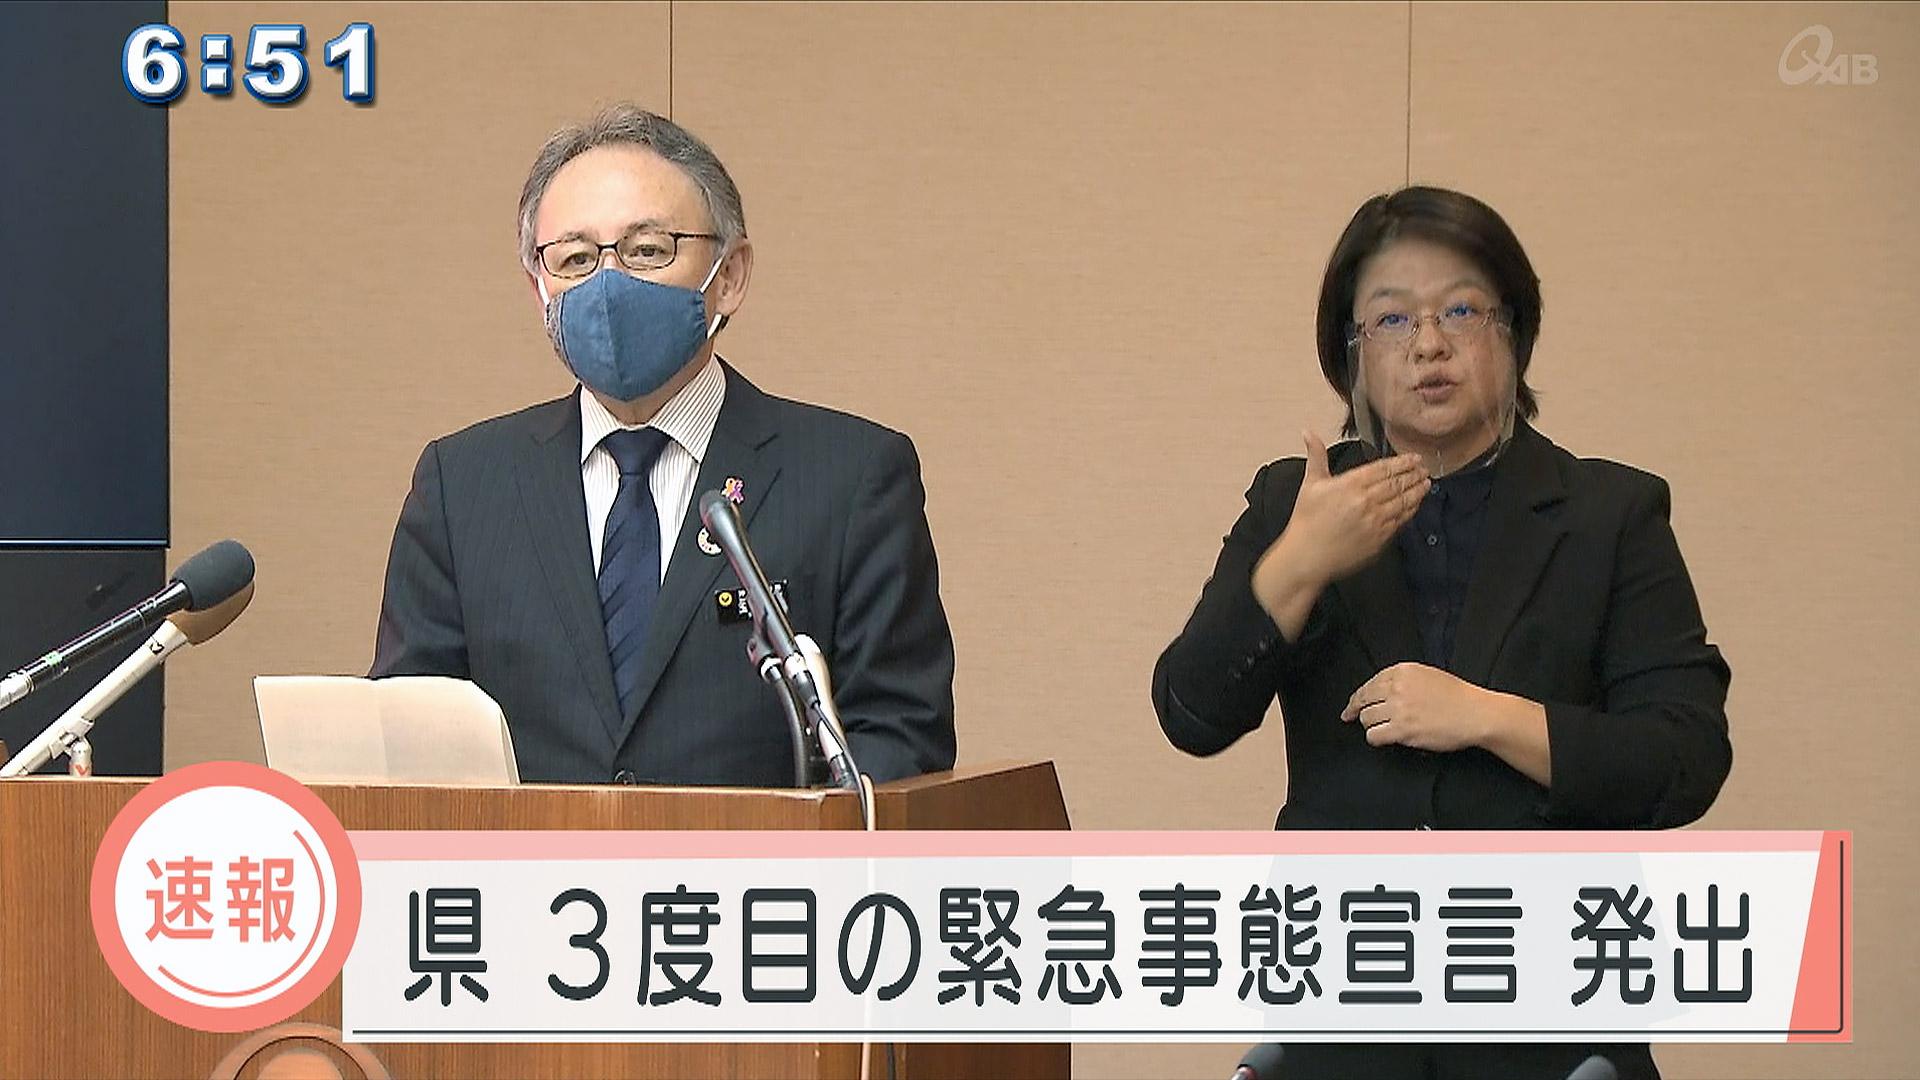 県独自の緊急事態宣言を発出